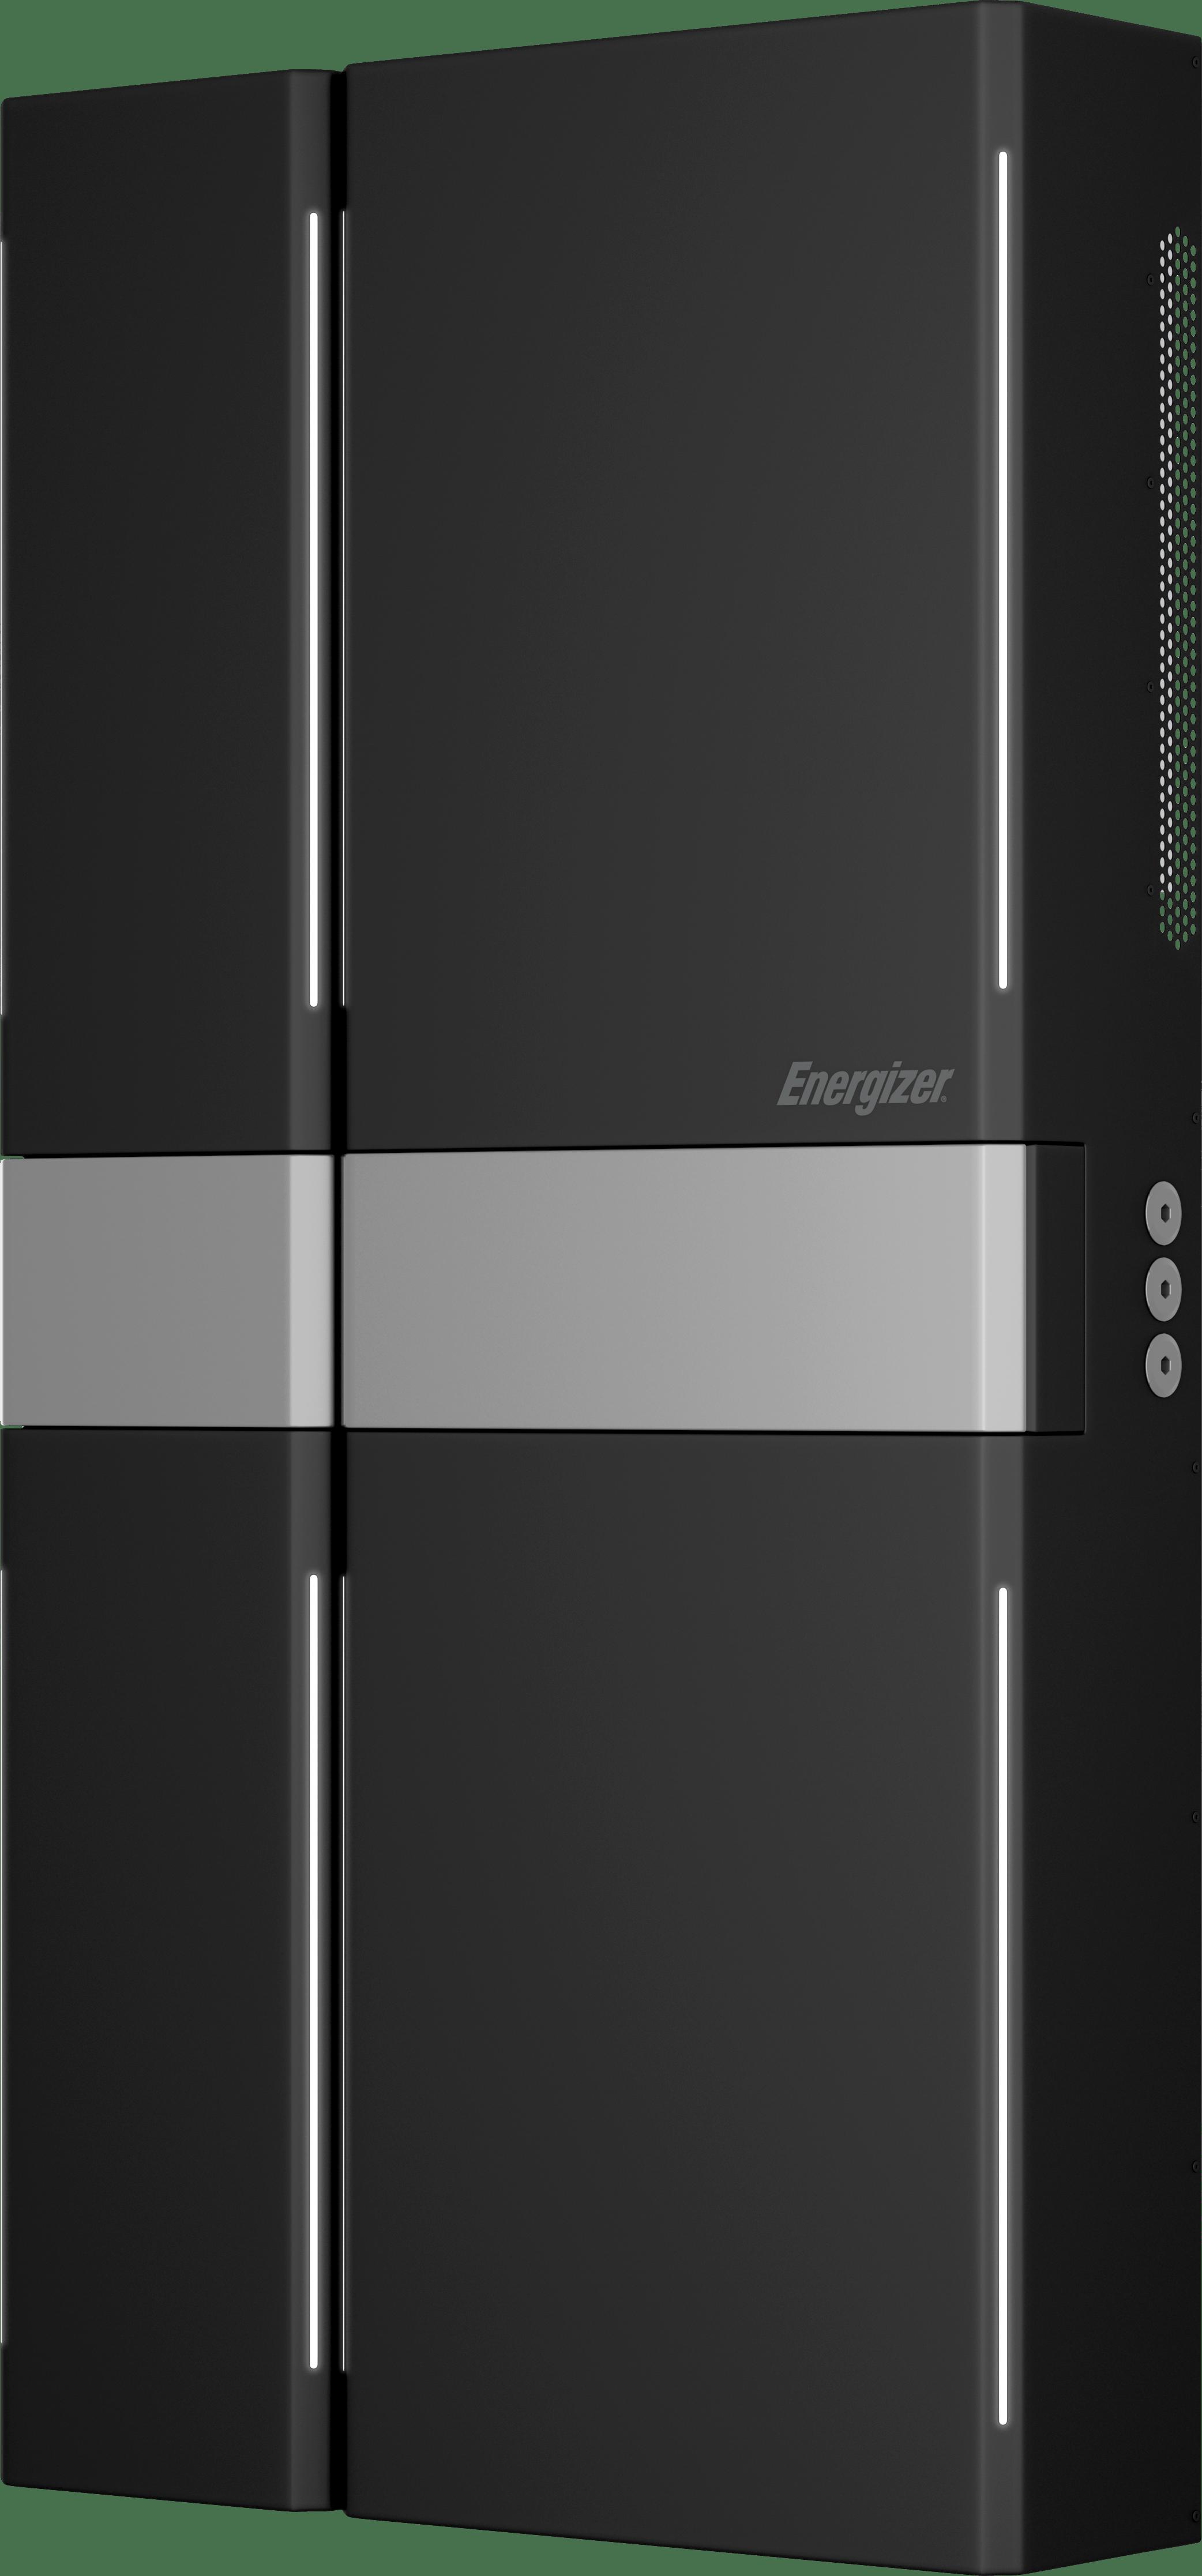 Energizer battery image